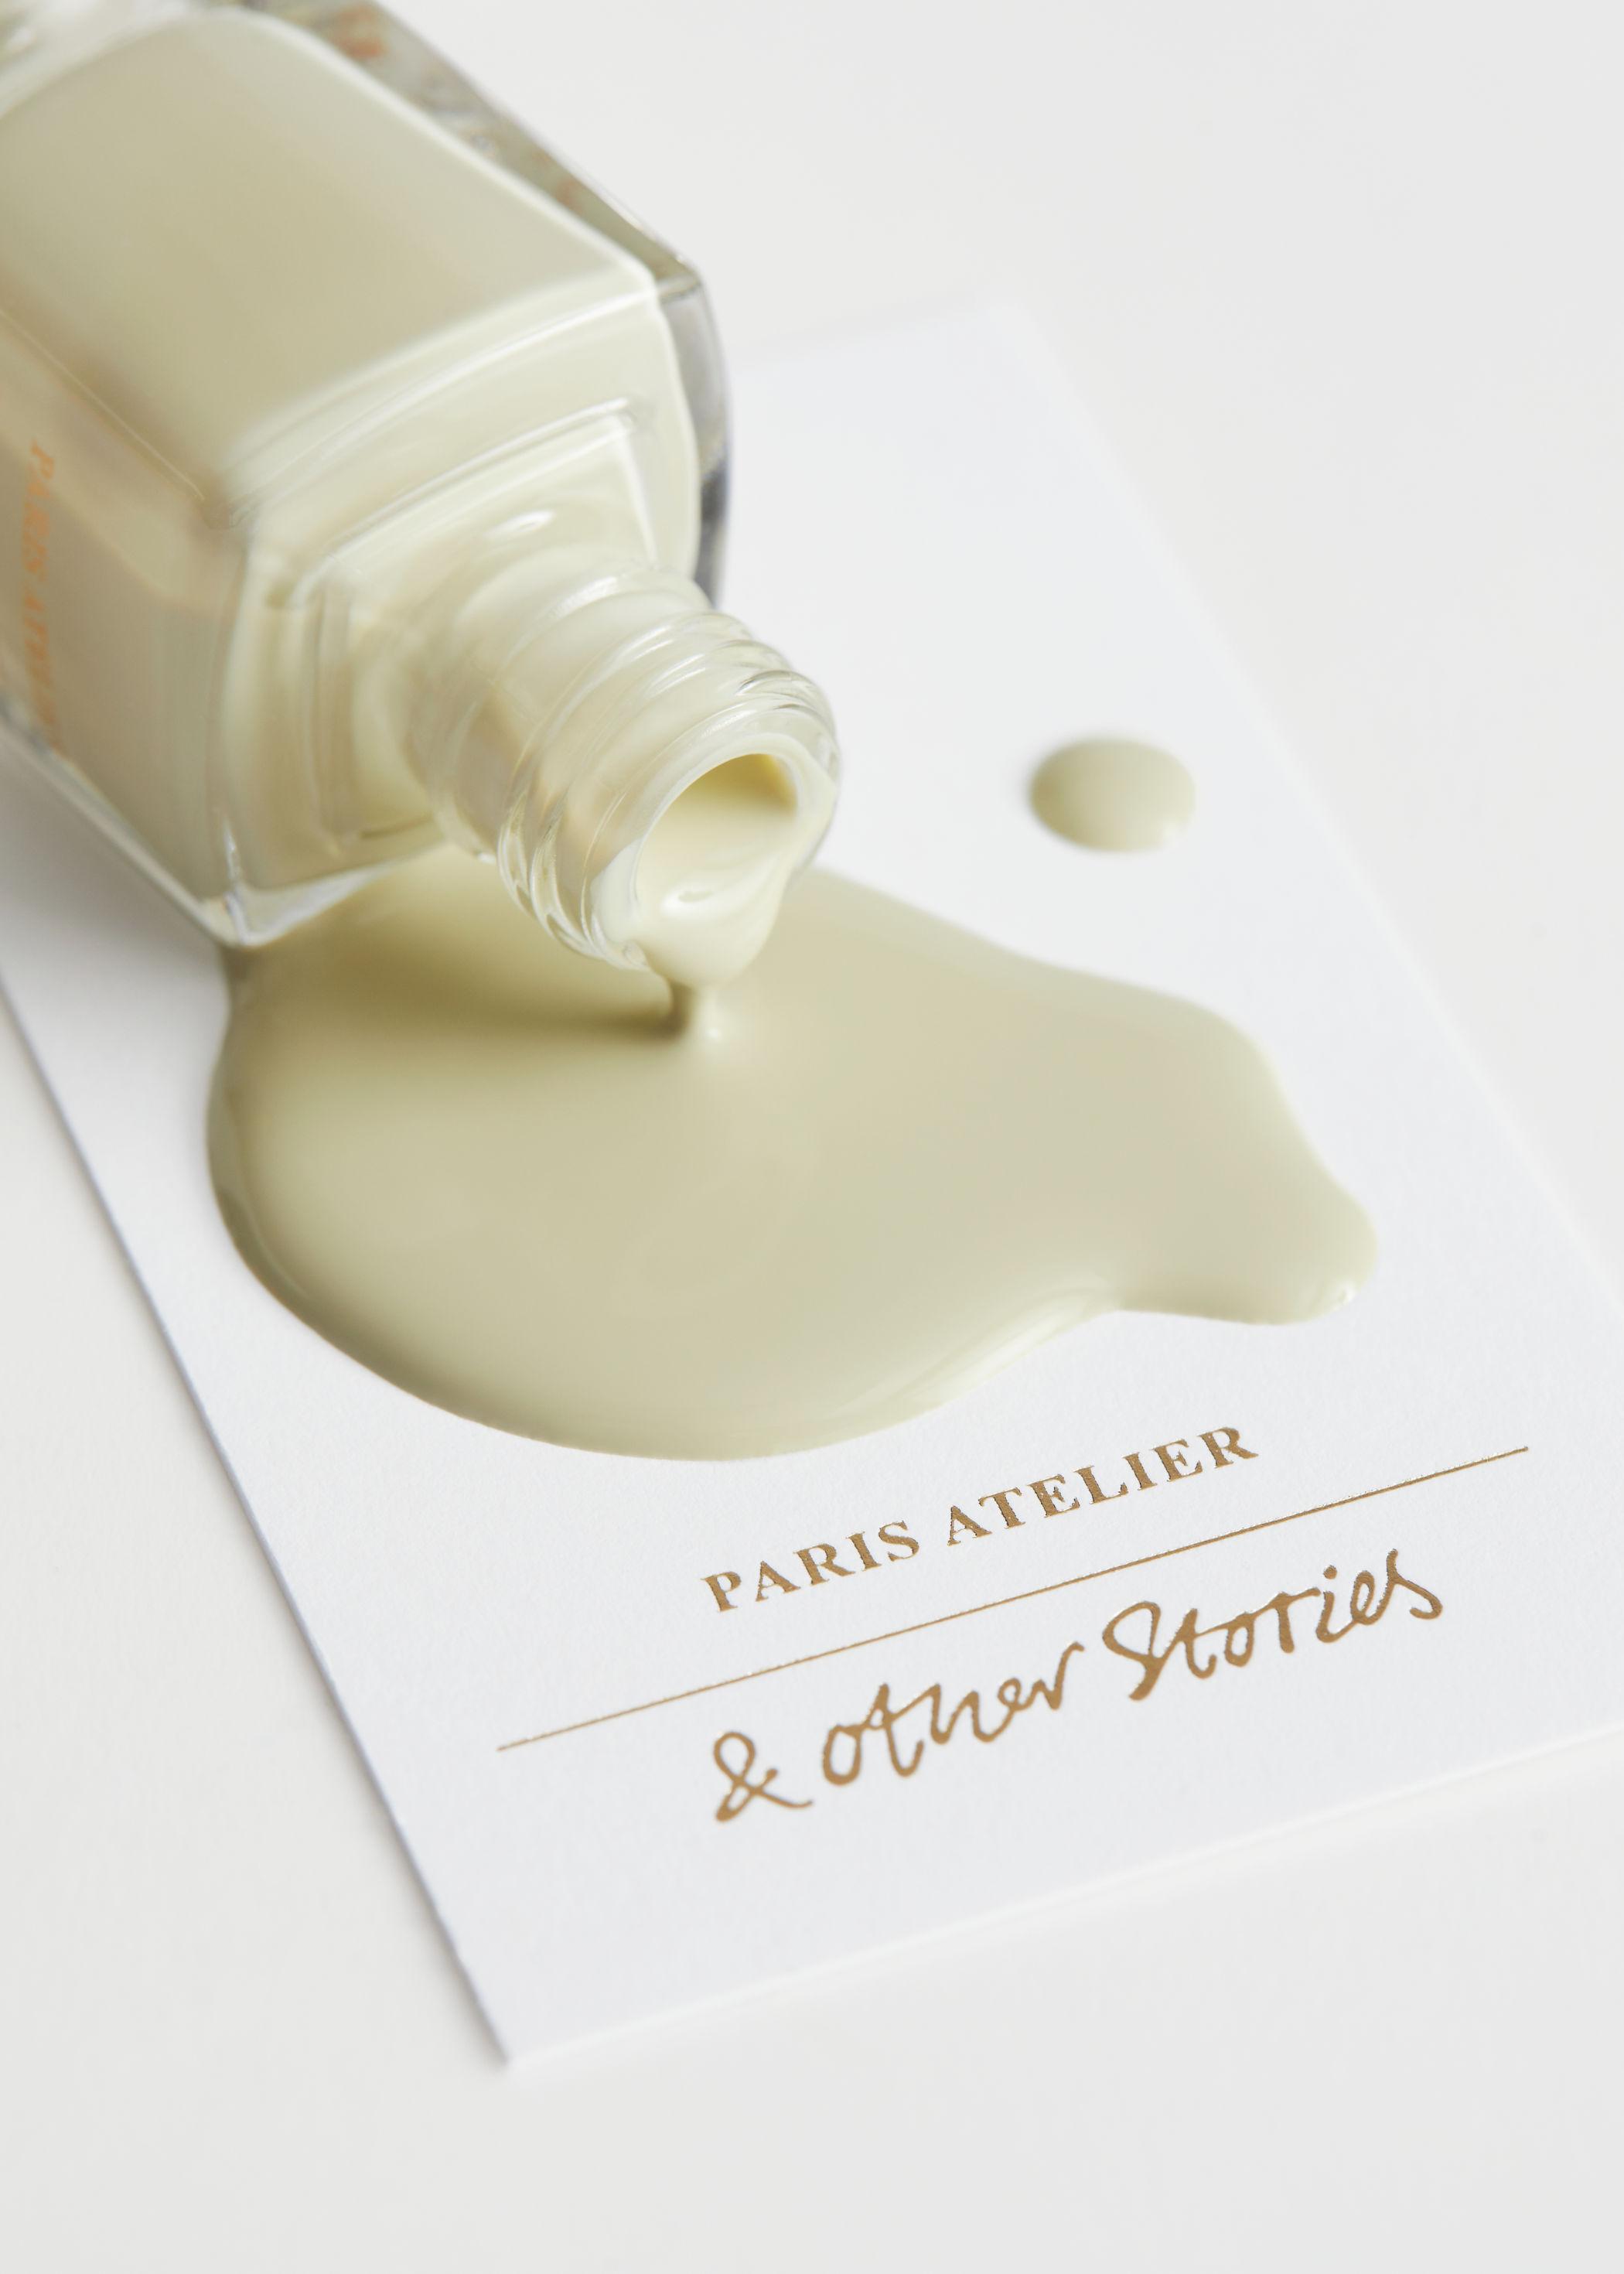 앤 아더 스토리즈 네일 폴리시 매니큐어 & OTHER STORIES Pastel Anise Nail Polish,Pastel Anisé